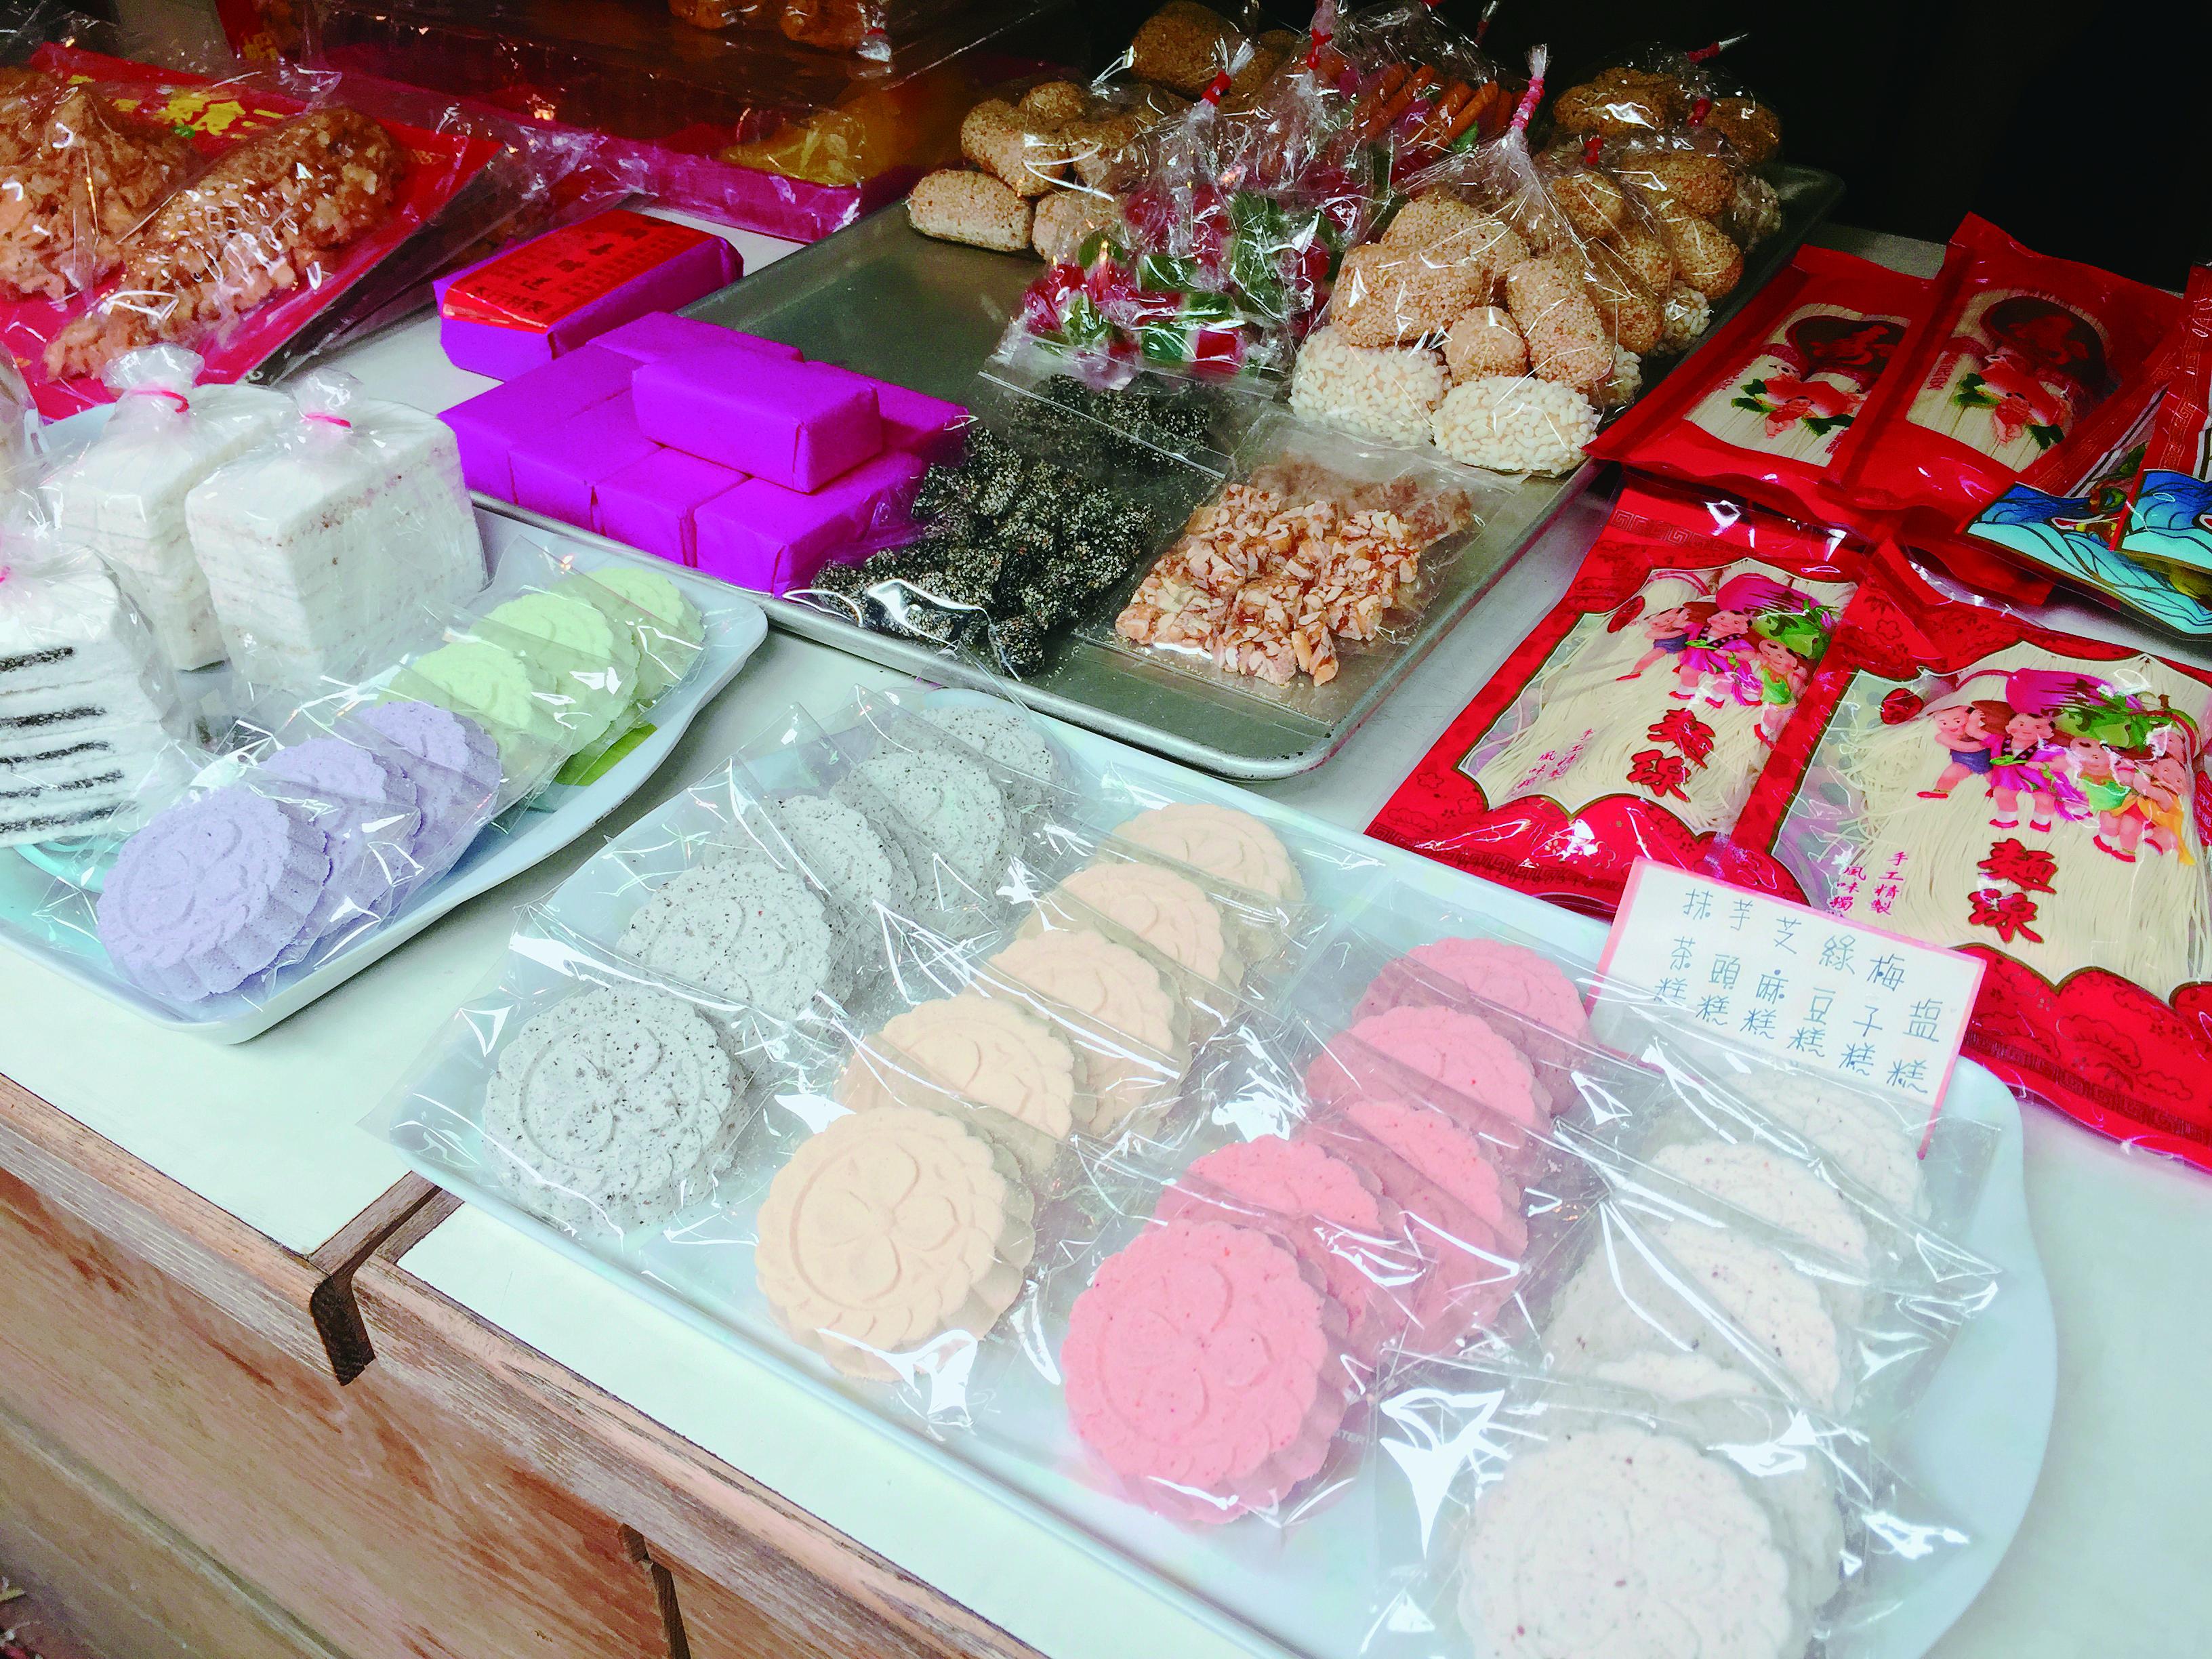 臺南水仙宮附近可以看見父執輩經常吃的傳統糕餅。.JPG